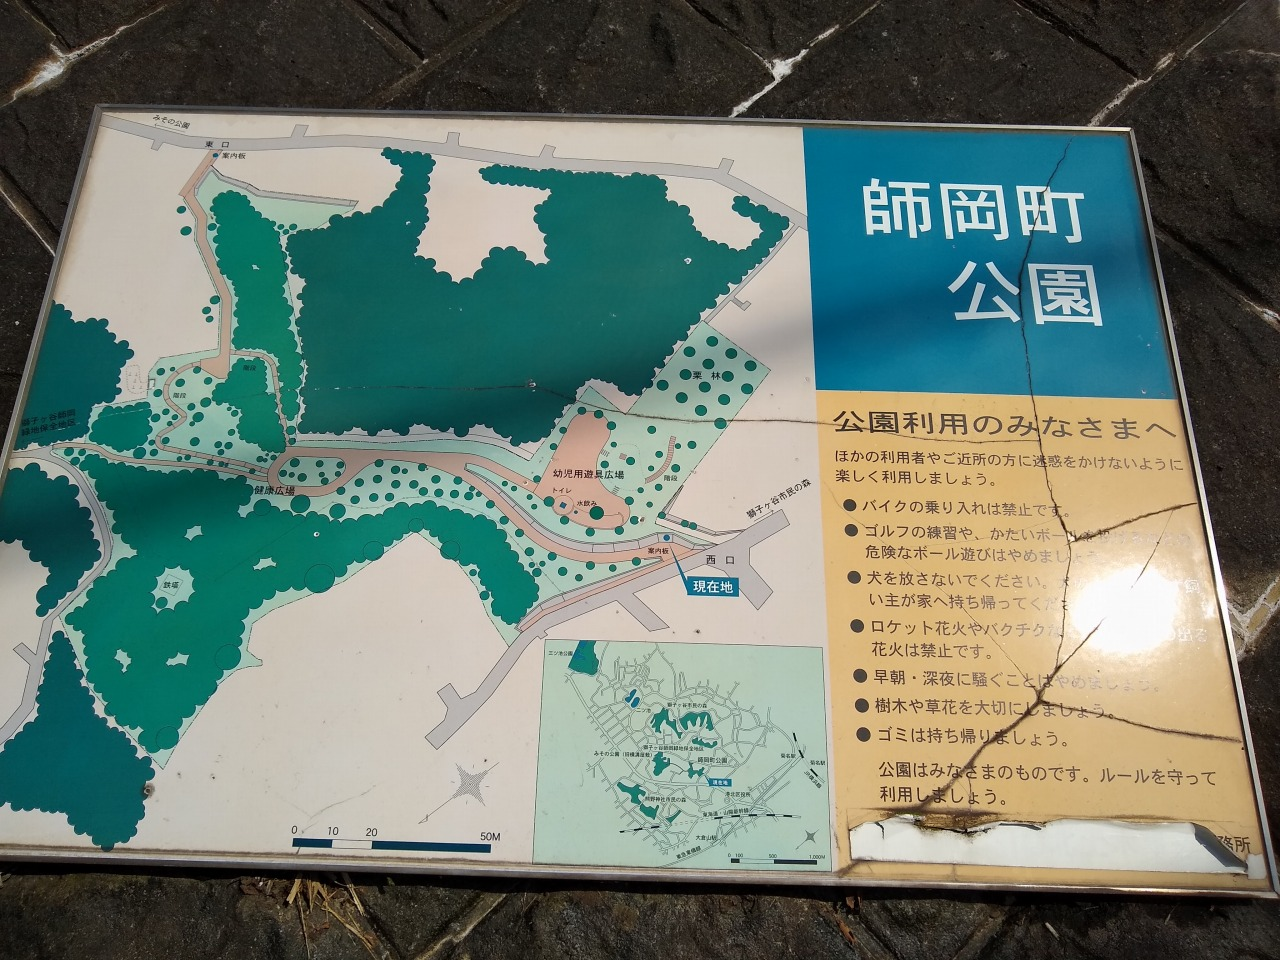 師岡町公園マップ